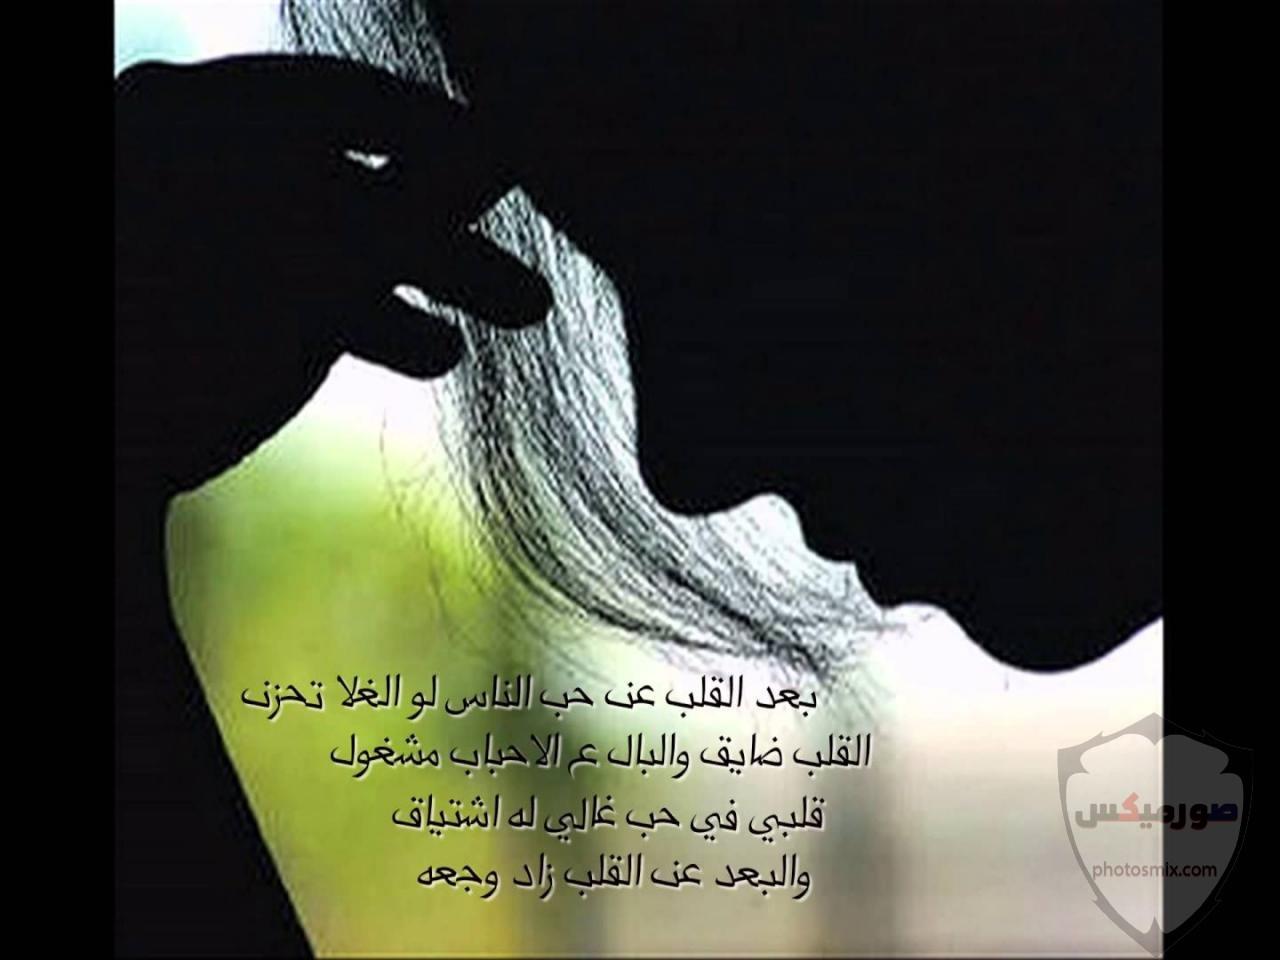 اجمل صور حزن ودموع مكتوب عليها اشعار 6